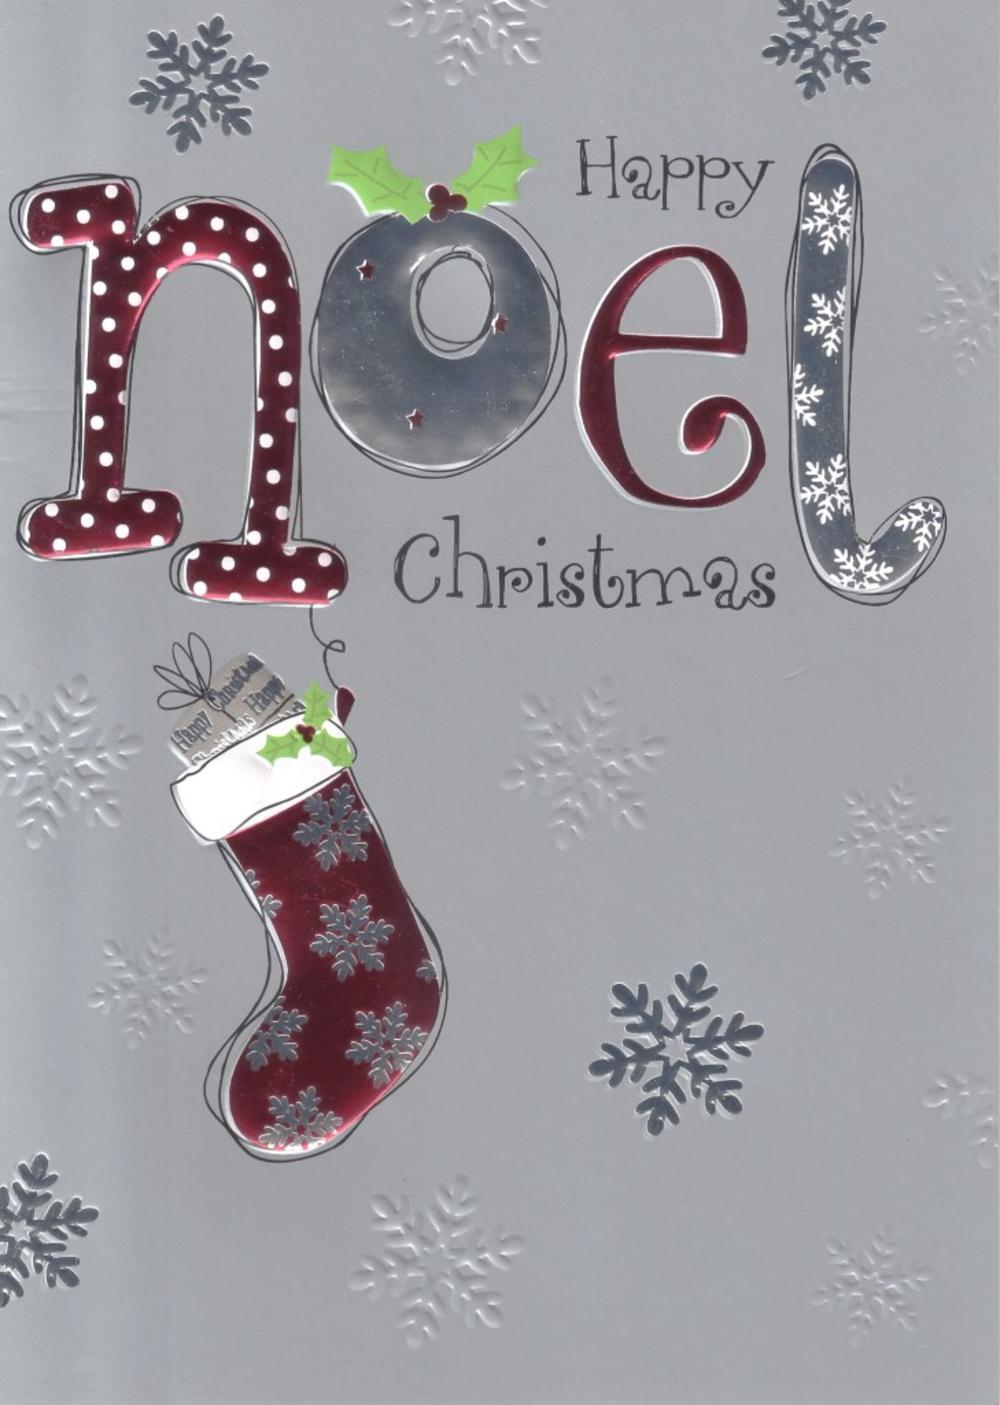 Noel Individual Happy Christmas Card